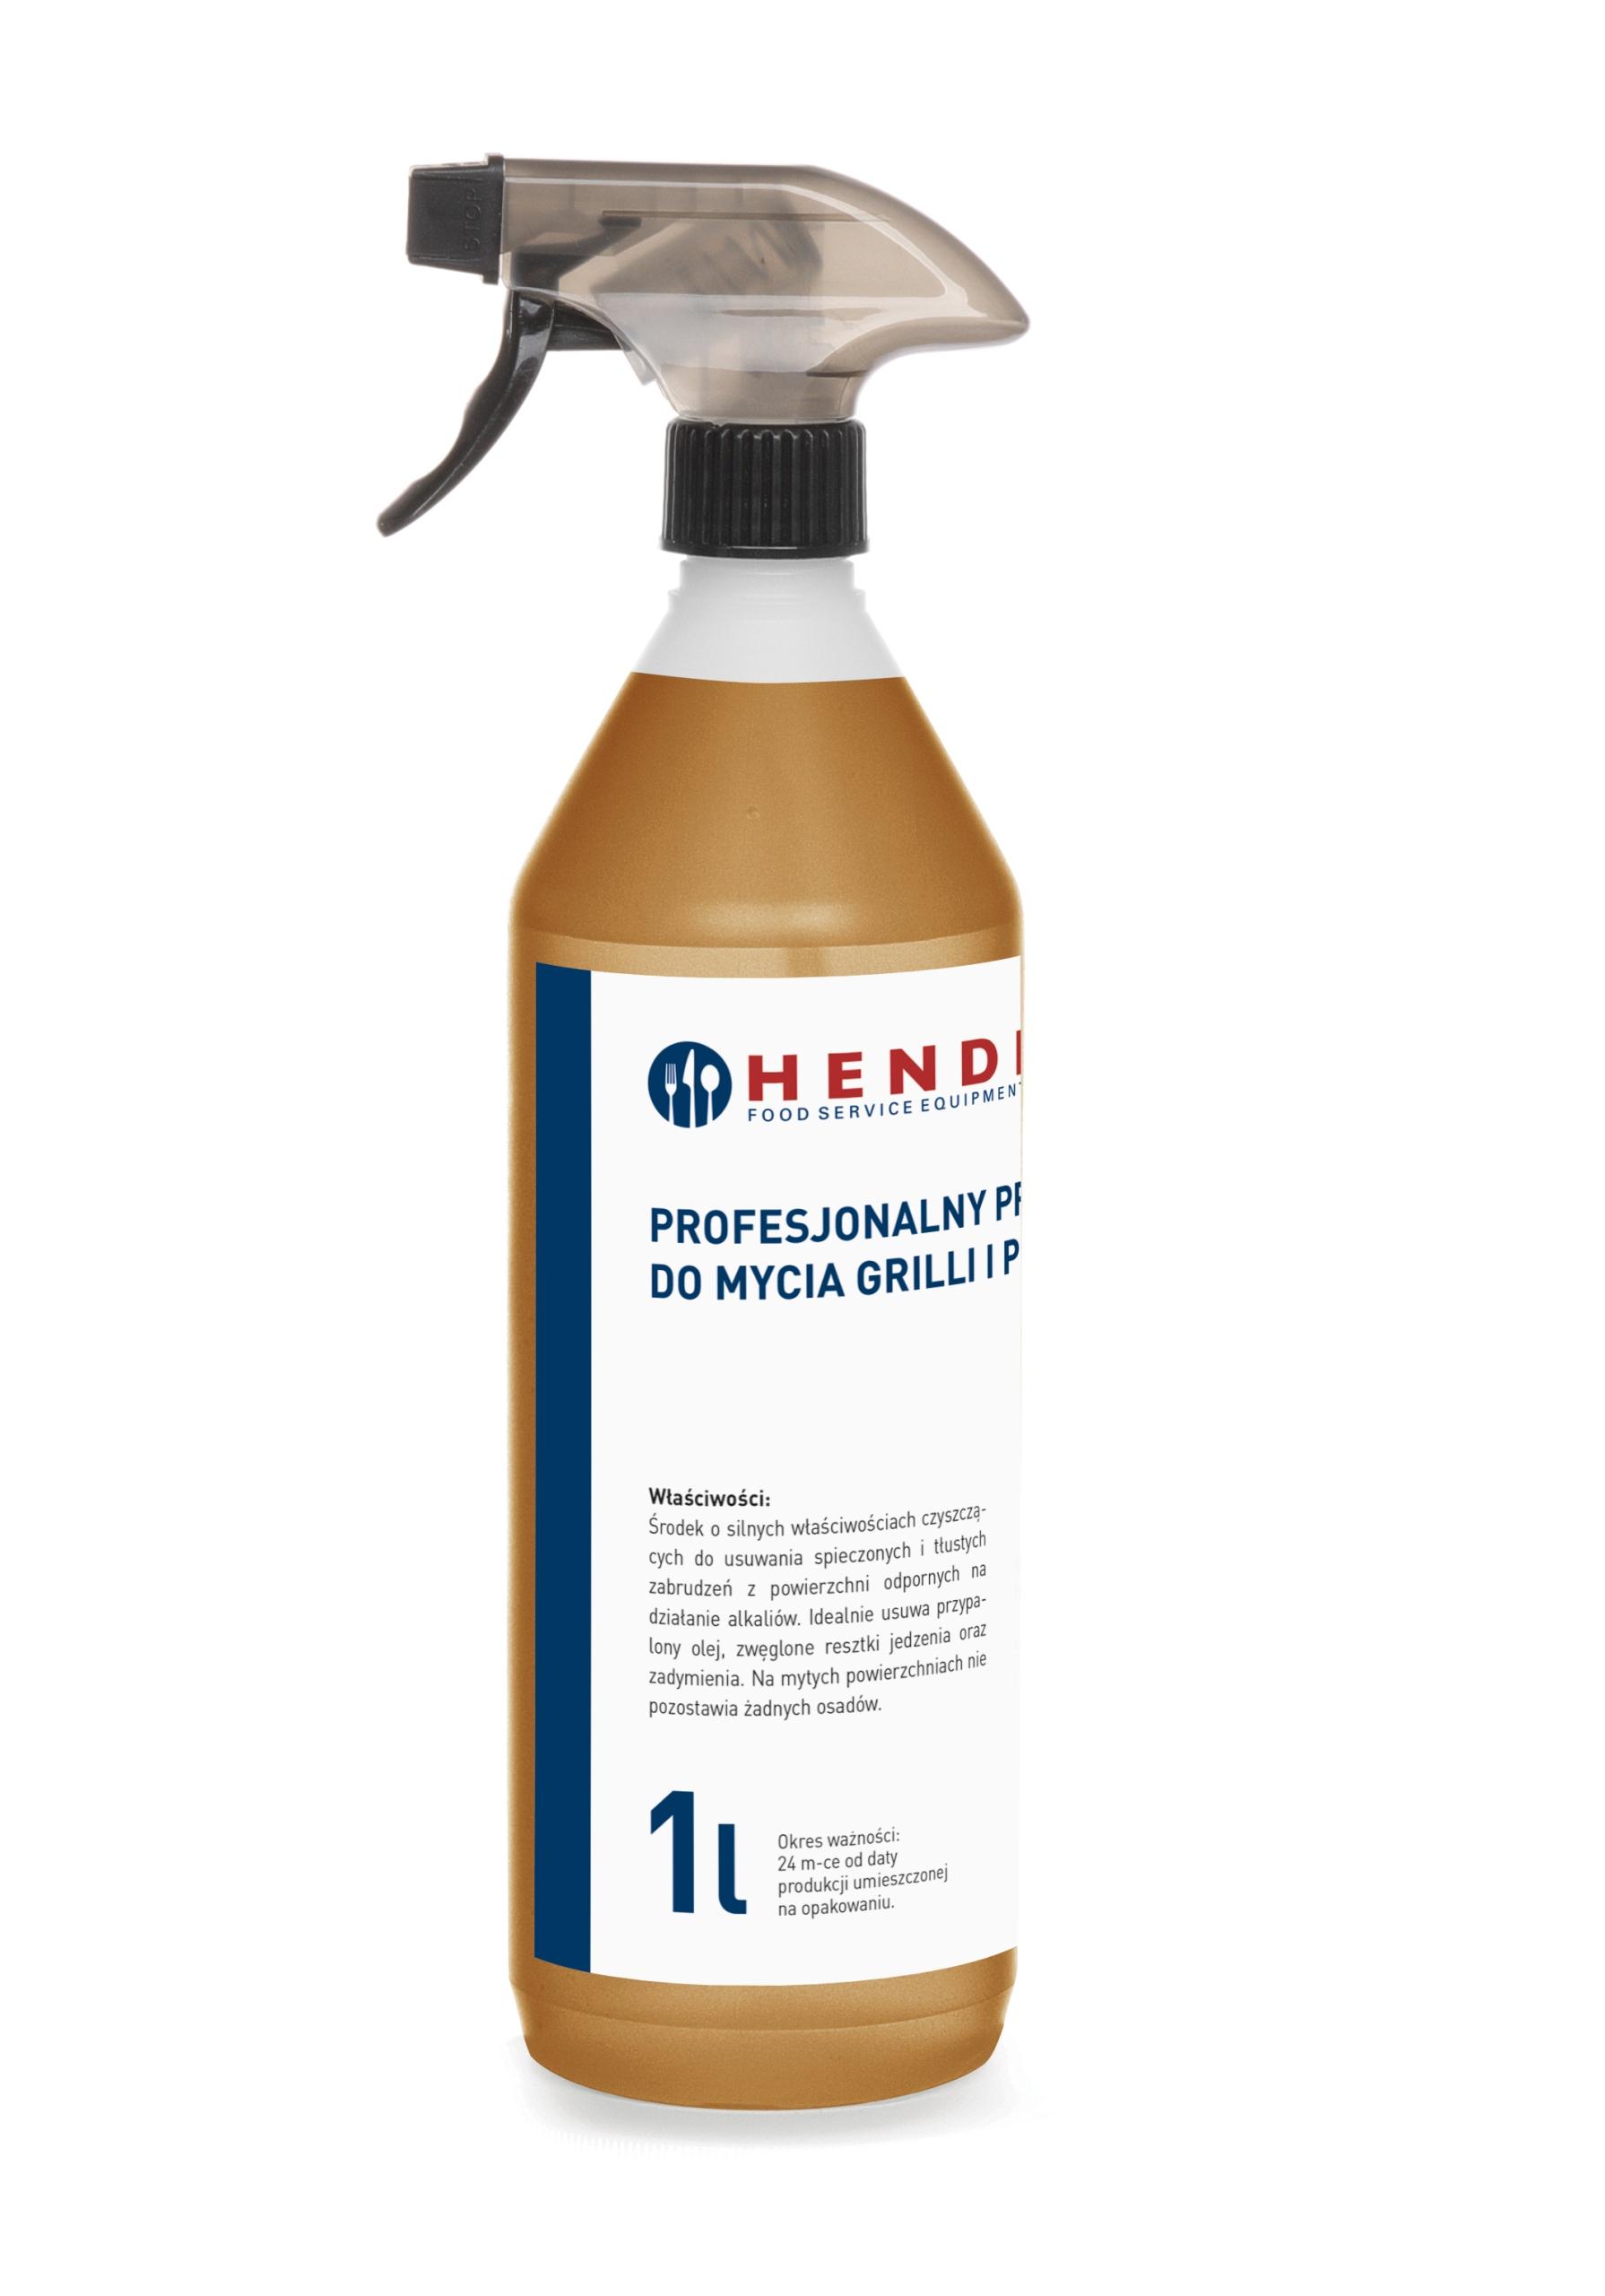 Жидкий препарат для чистки грилей и печей - HENDI